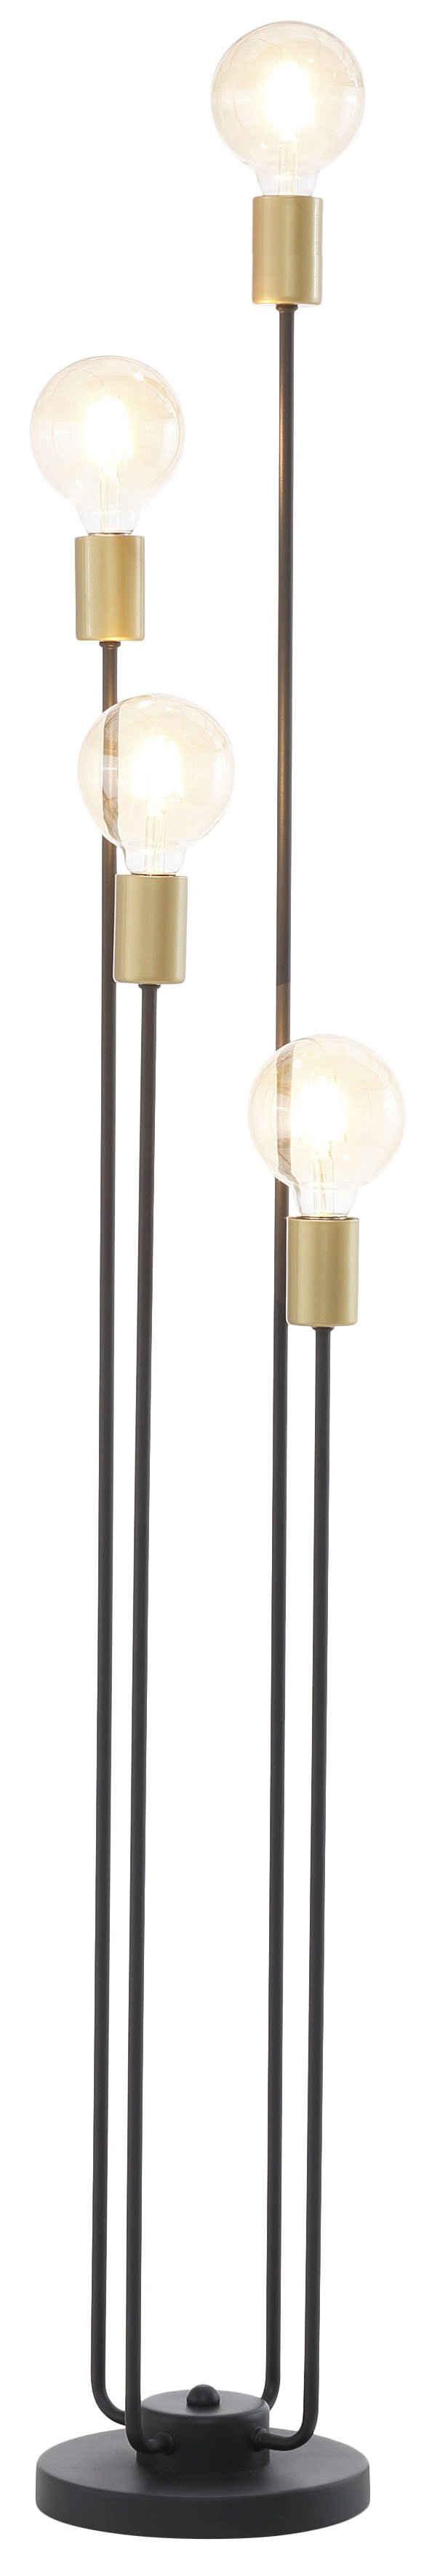 Leonique Stehlampe »Jarla«, Stehleuchte mit goldfarbenen Fassungen, Höhe 137 cm